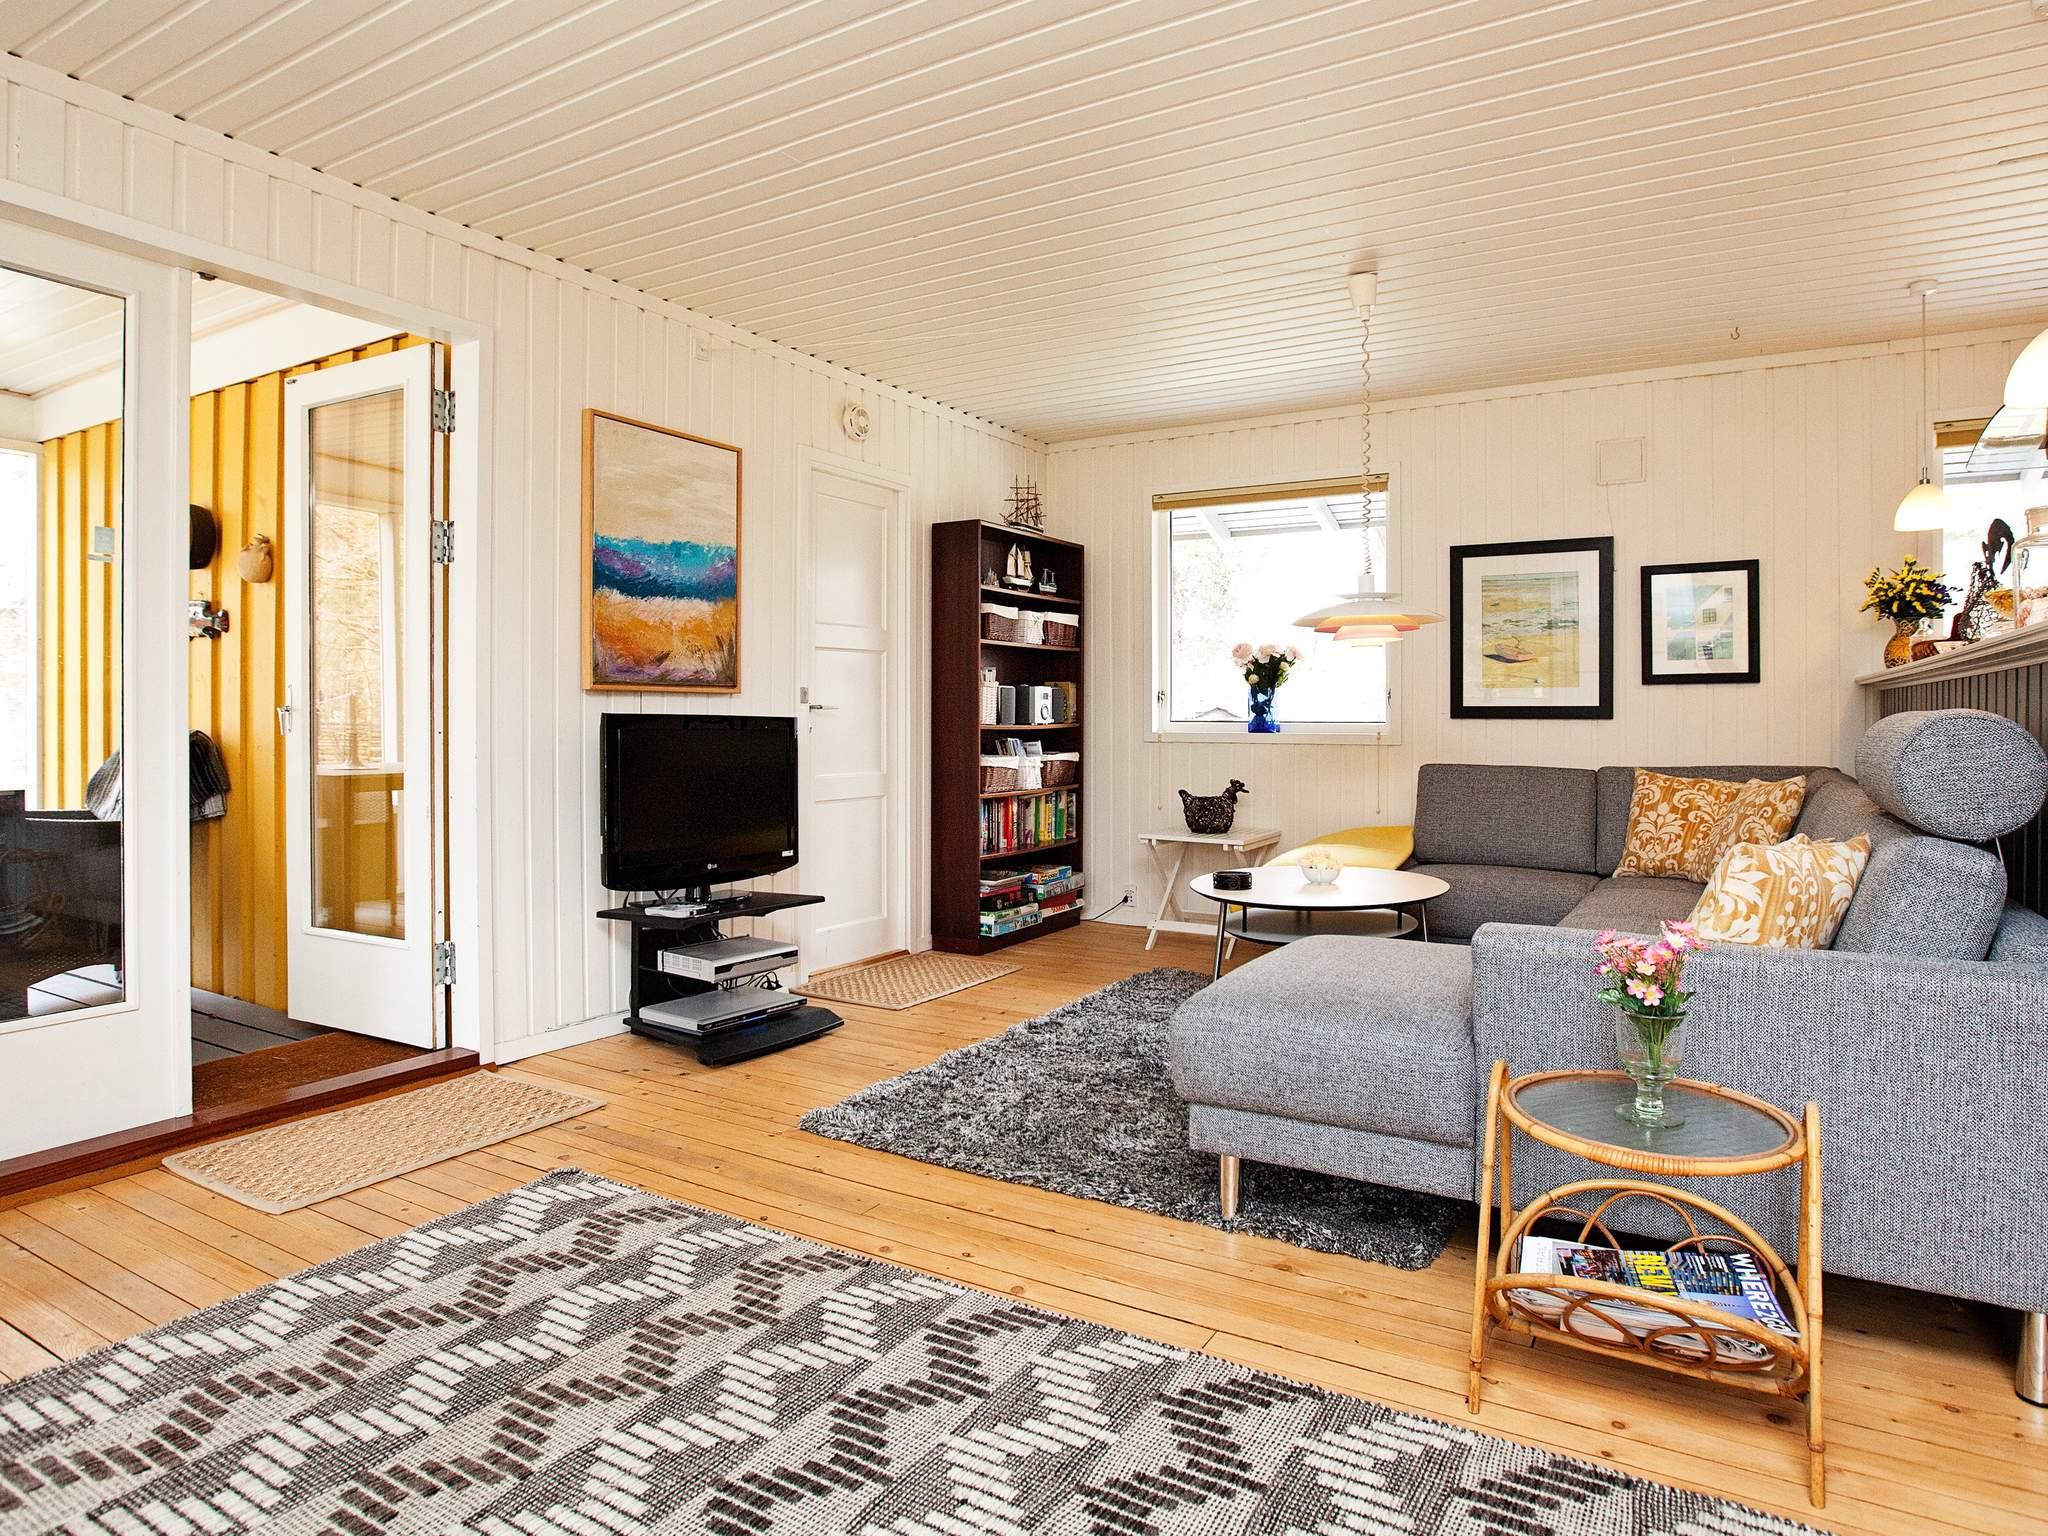 Ferienhaus Udsholt Strand (87426), Udsholt, , Nordseeland, Dänemark, Bild 5